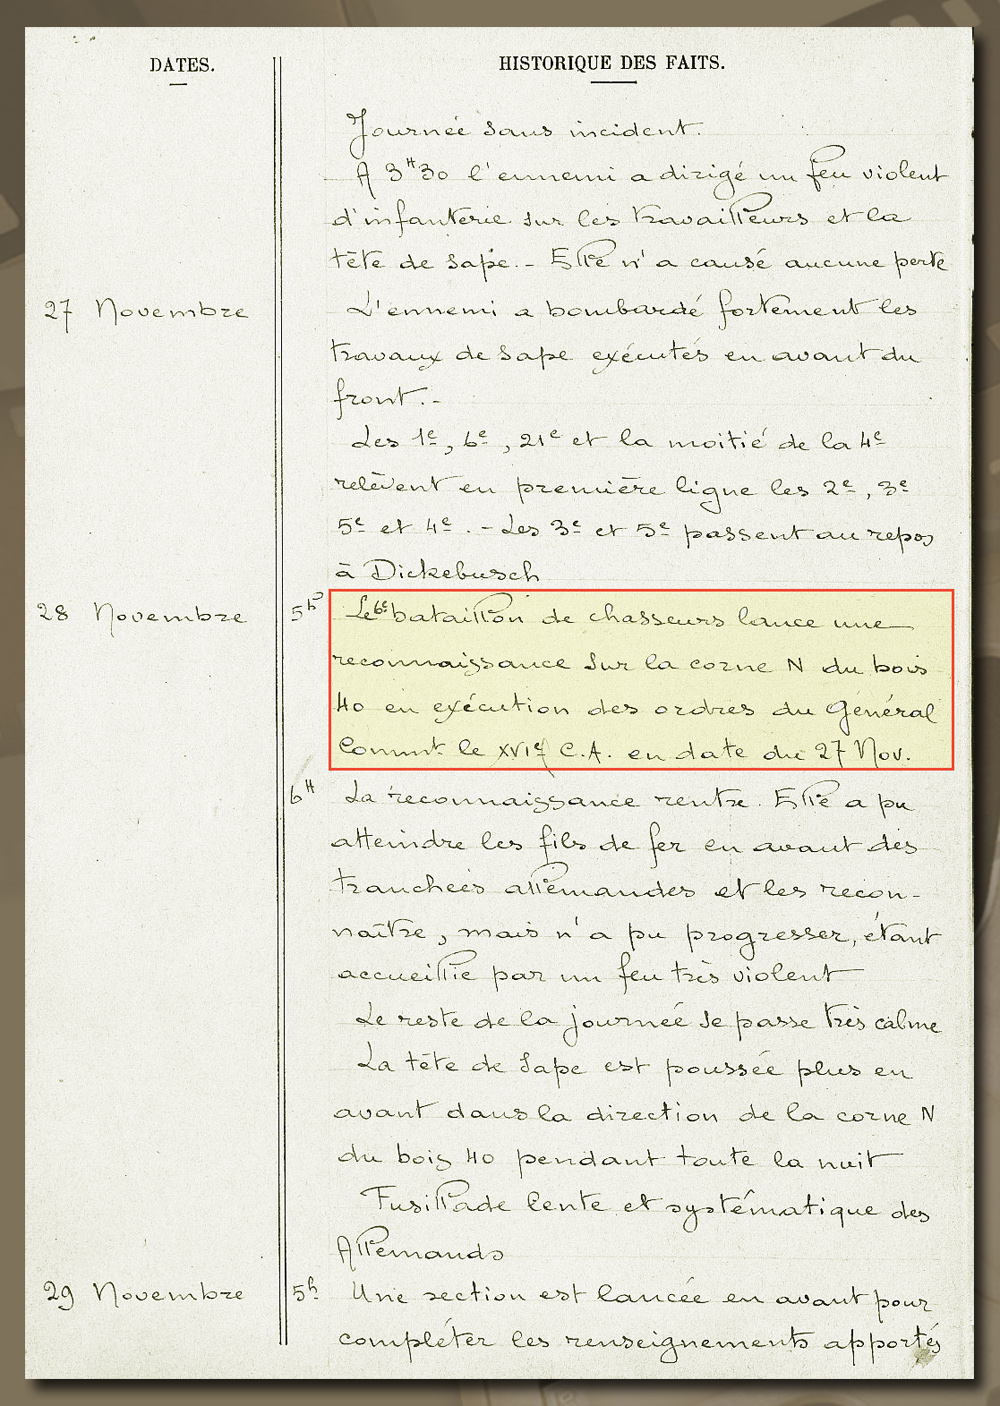 historique 6è bca ypres 28 nov 1914